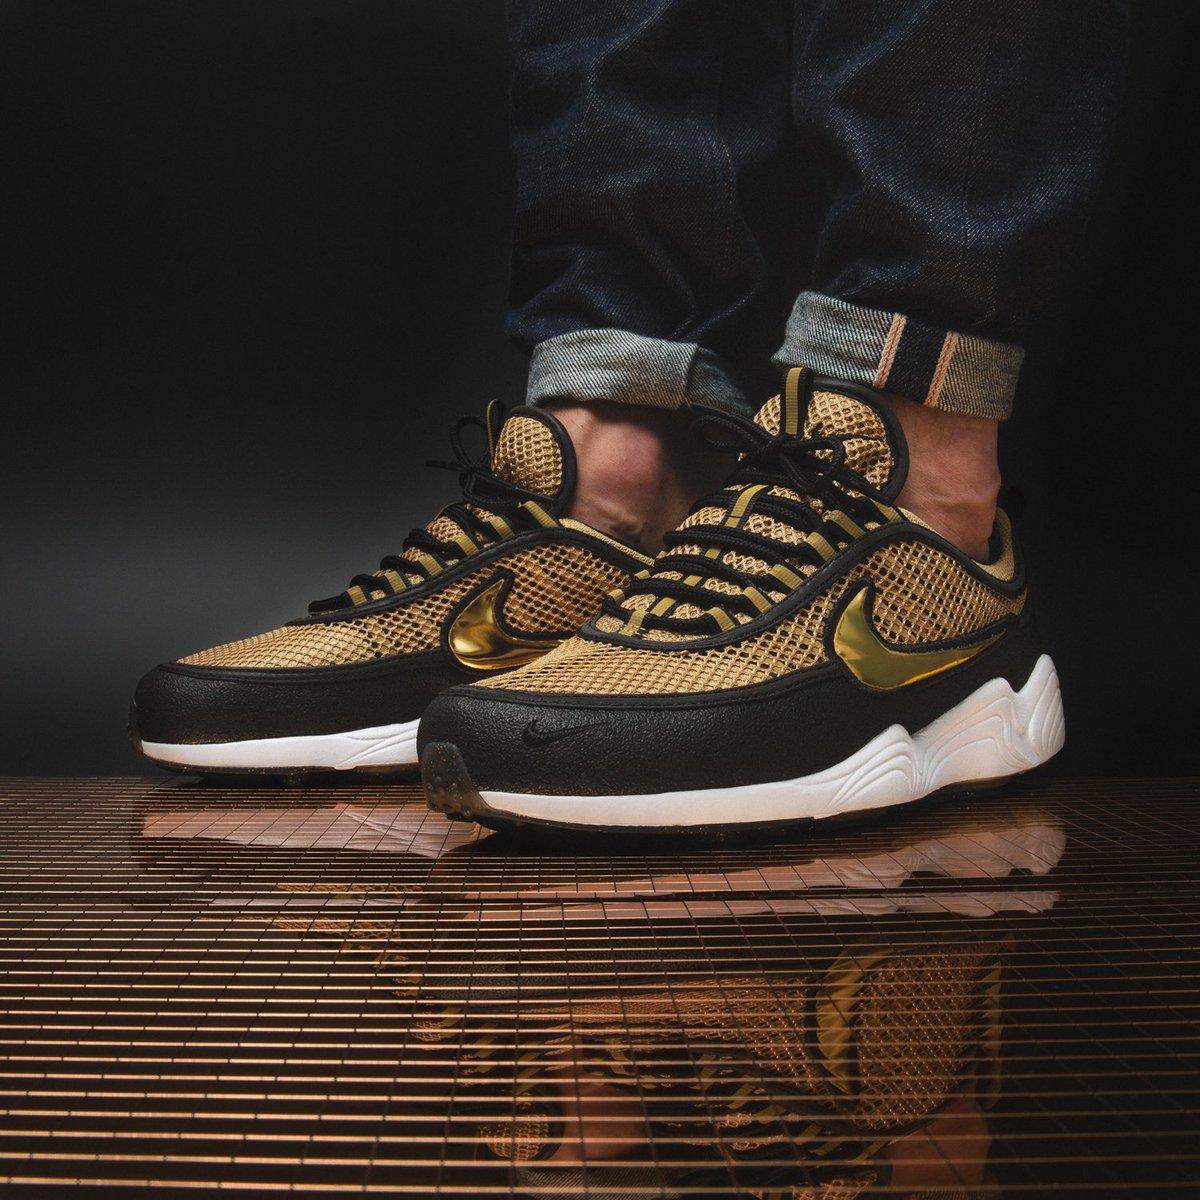 Nike Air Zoom Spiridon 'Metallic Gold' (schwarz gold